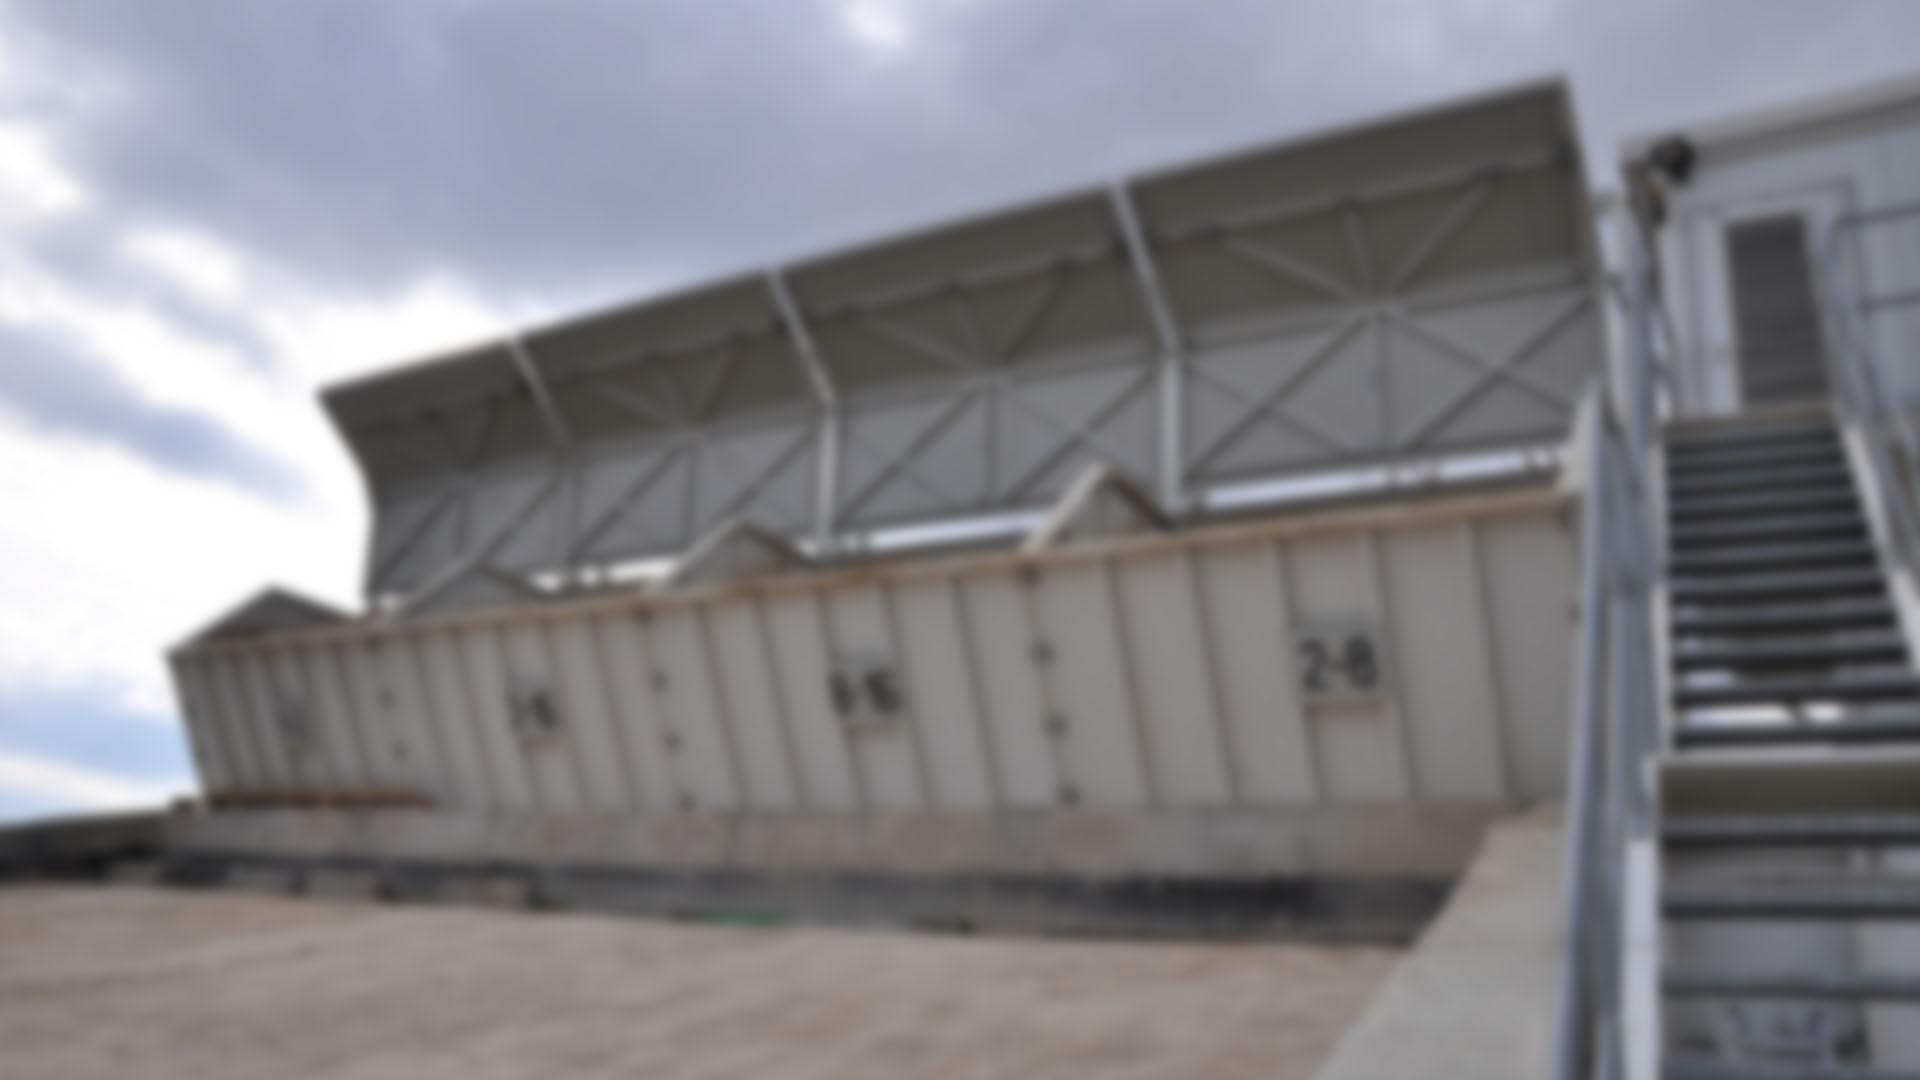 Zbiorniki na kruszywa i konstrukcje stalowe